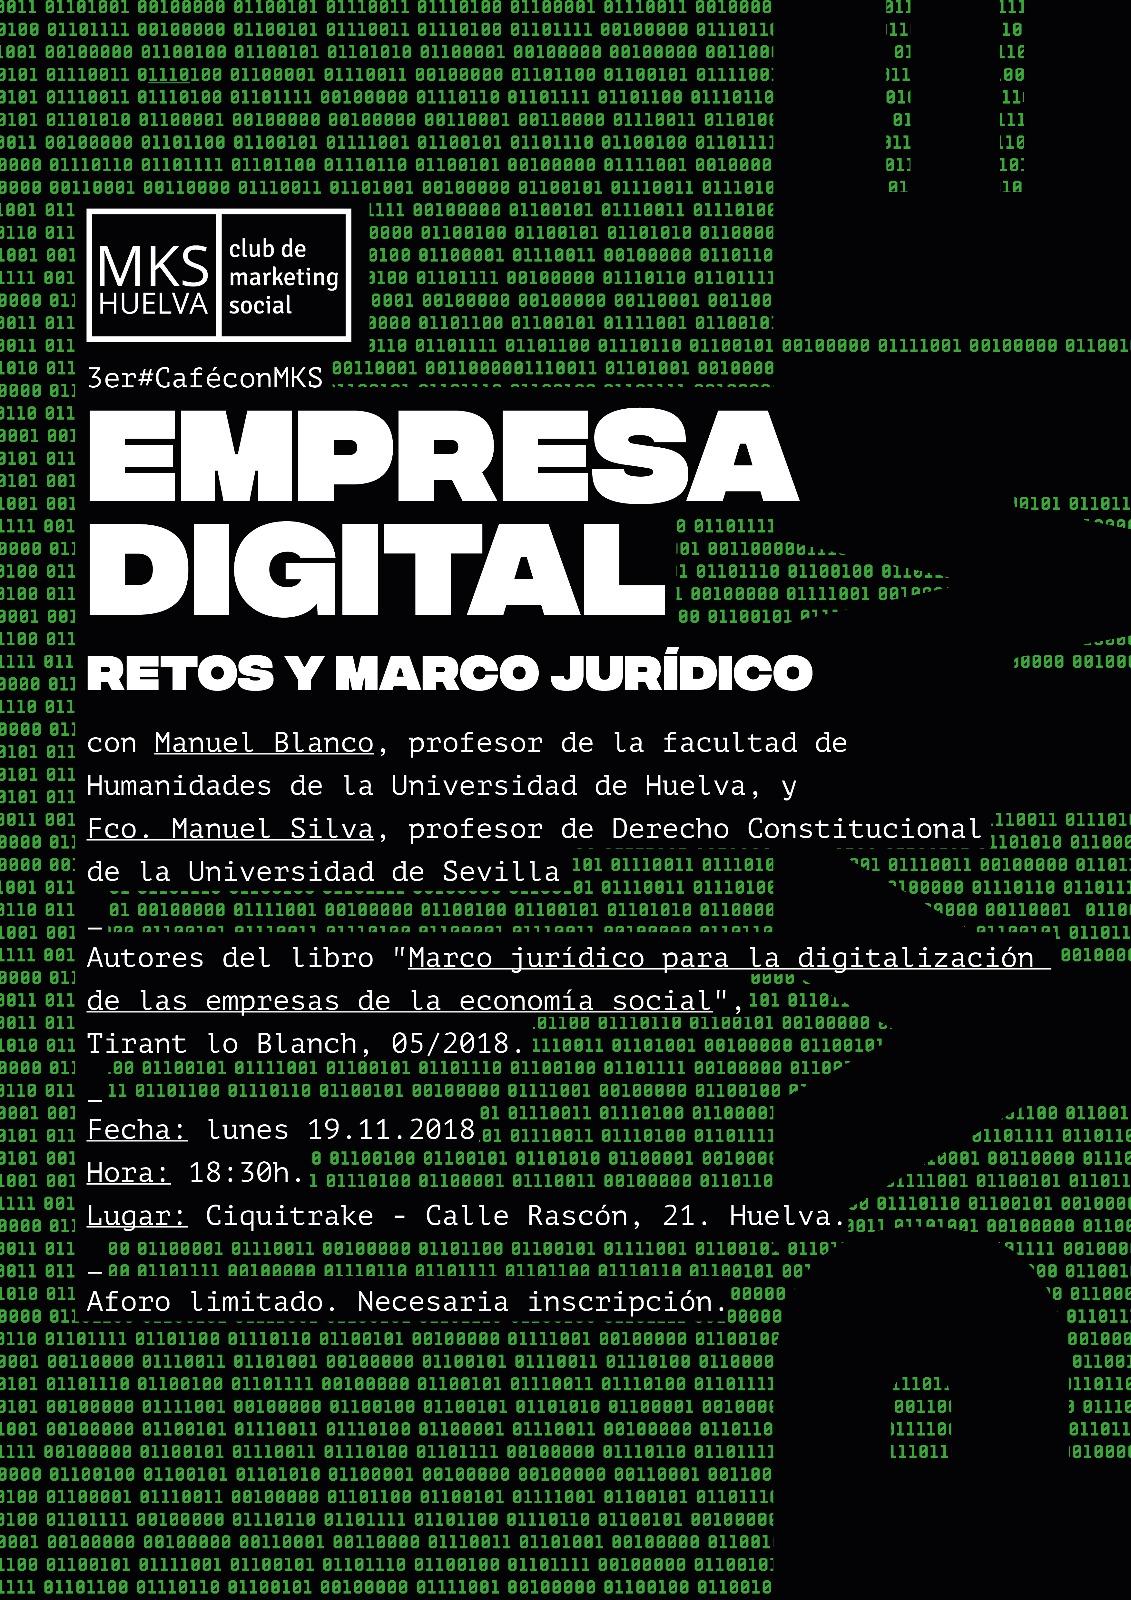 ¡Tómate el 3er #CaféconMKS con nosotros! Reflexionamos sobre la transformación digital de las empresas